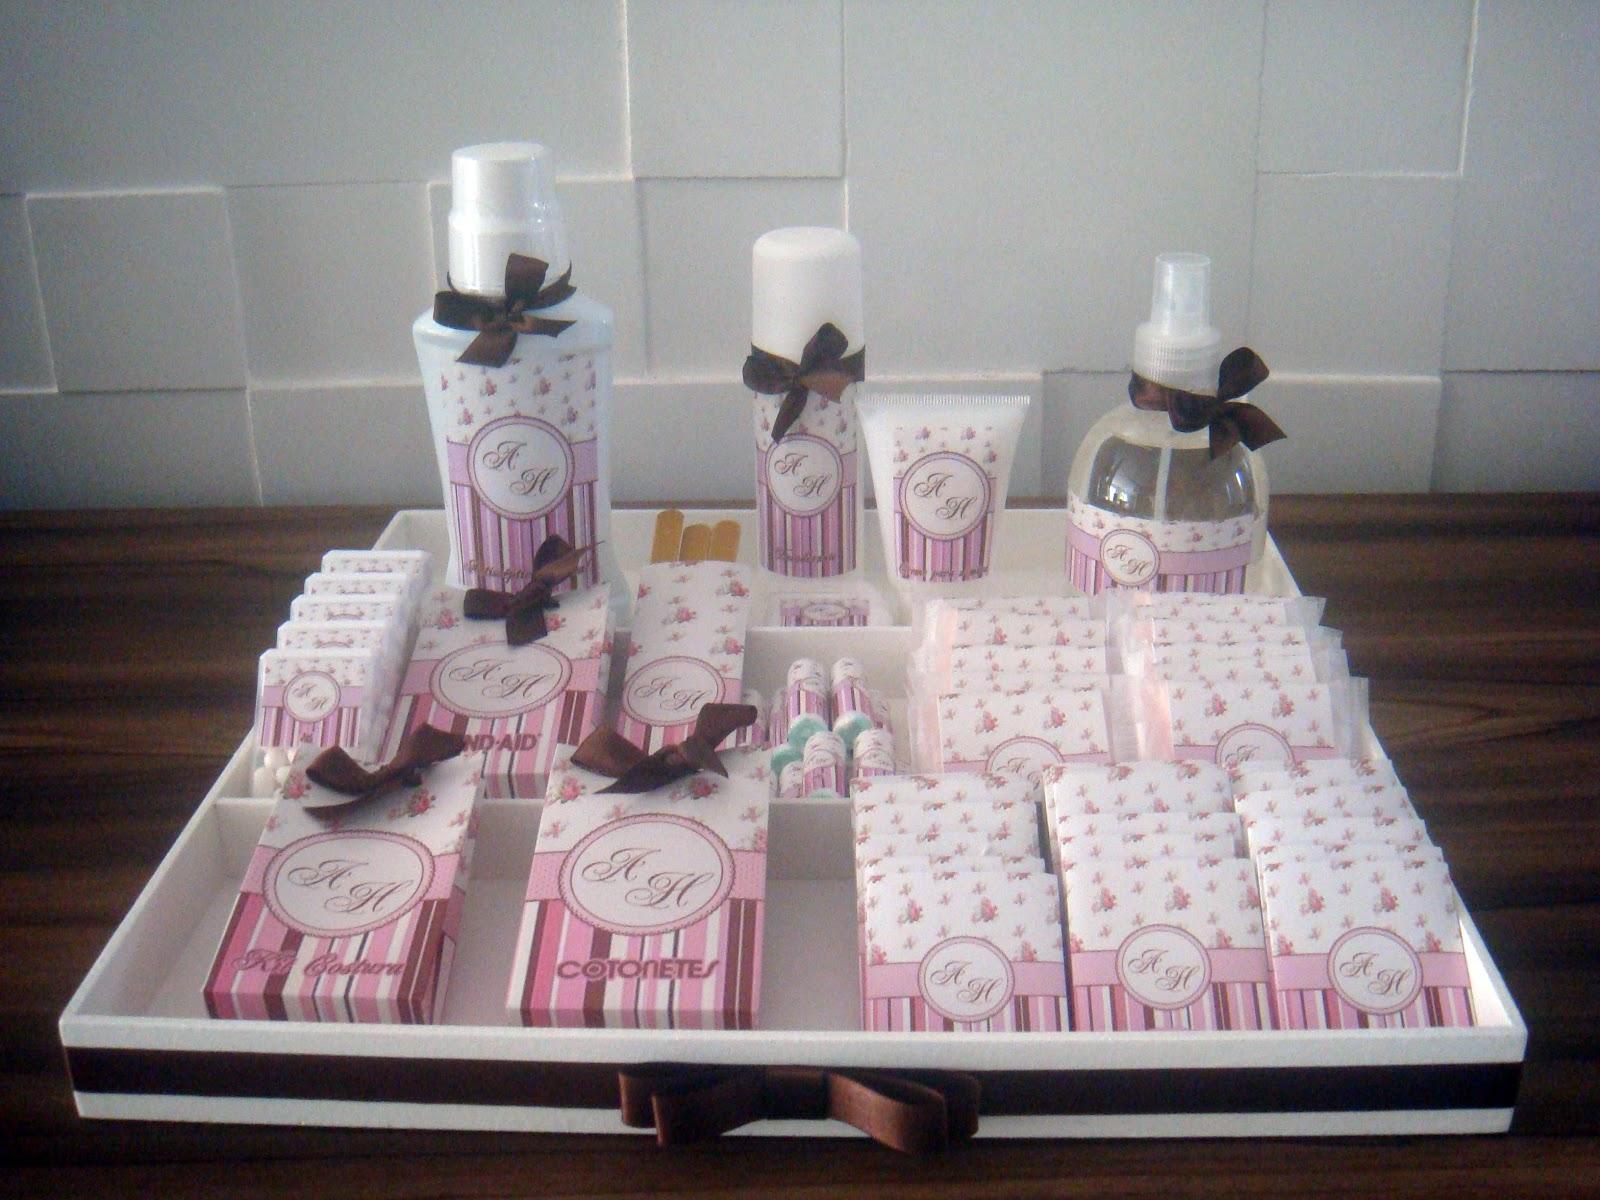 Kit Toalete Casamento Brasilia : Lw lembrancinhas adulto